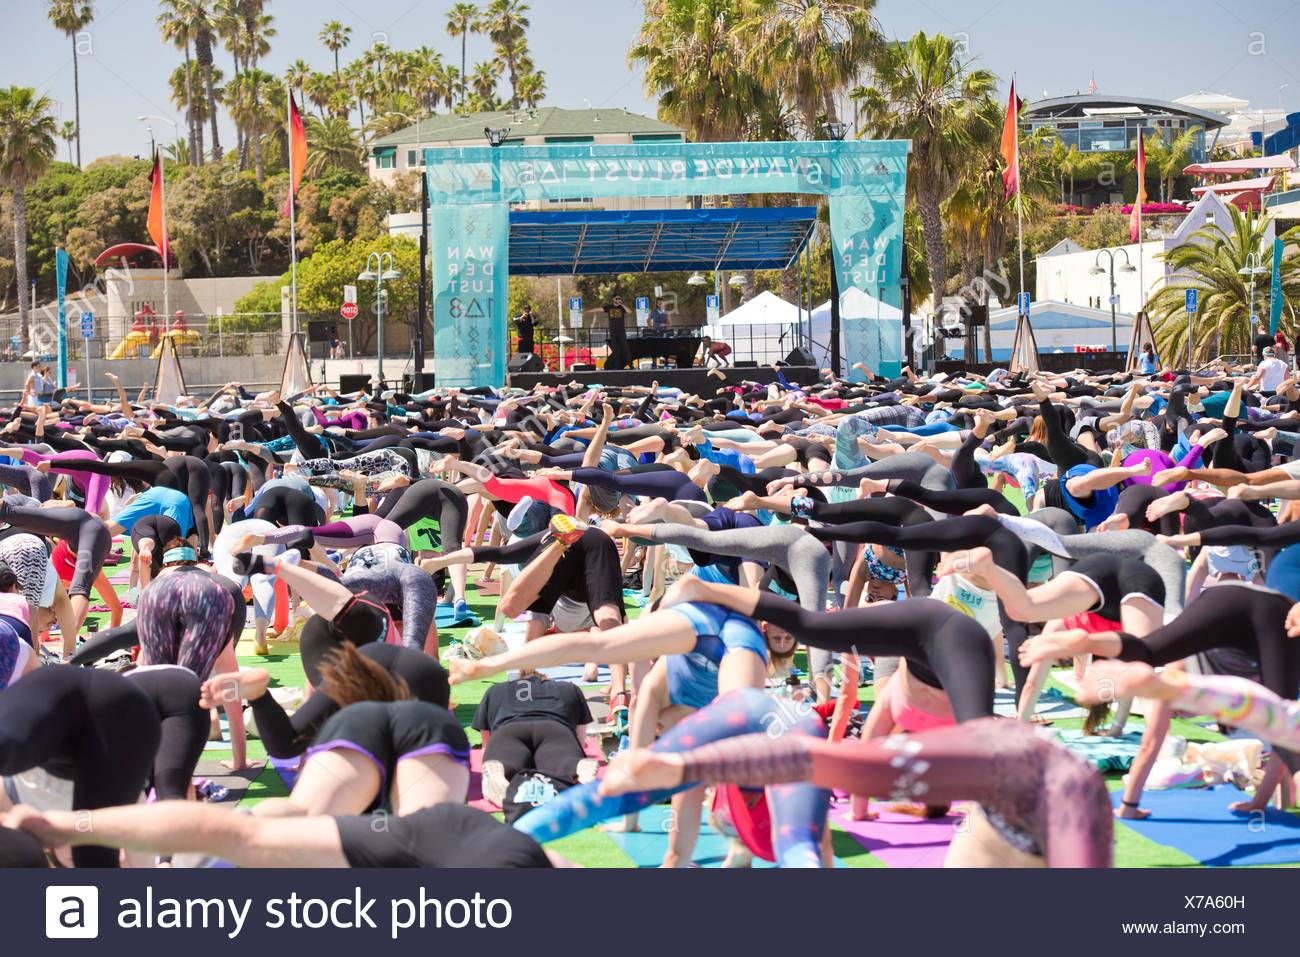 Persone che svolgono uno zampe cane verso il basso pongono nel corso di yoga outdoor festival sul Santa Monica Pier a Santa Monica, California, Stati Uniti d'America Immagini Stock